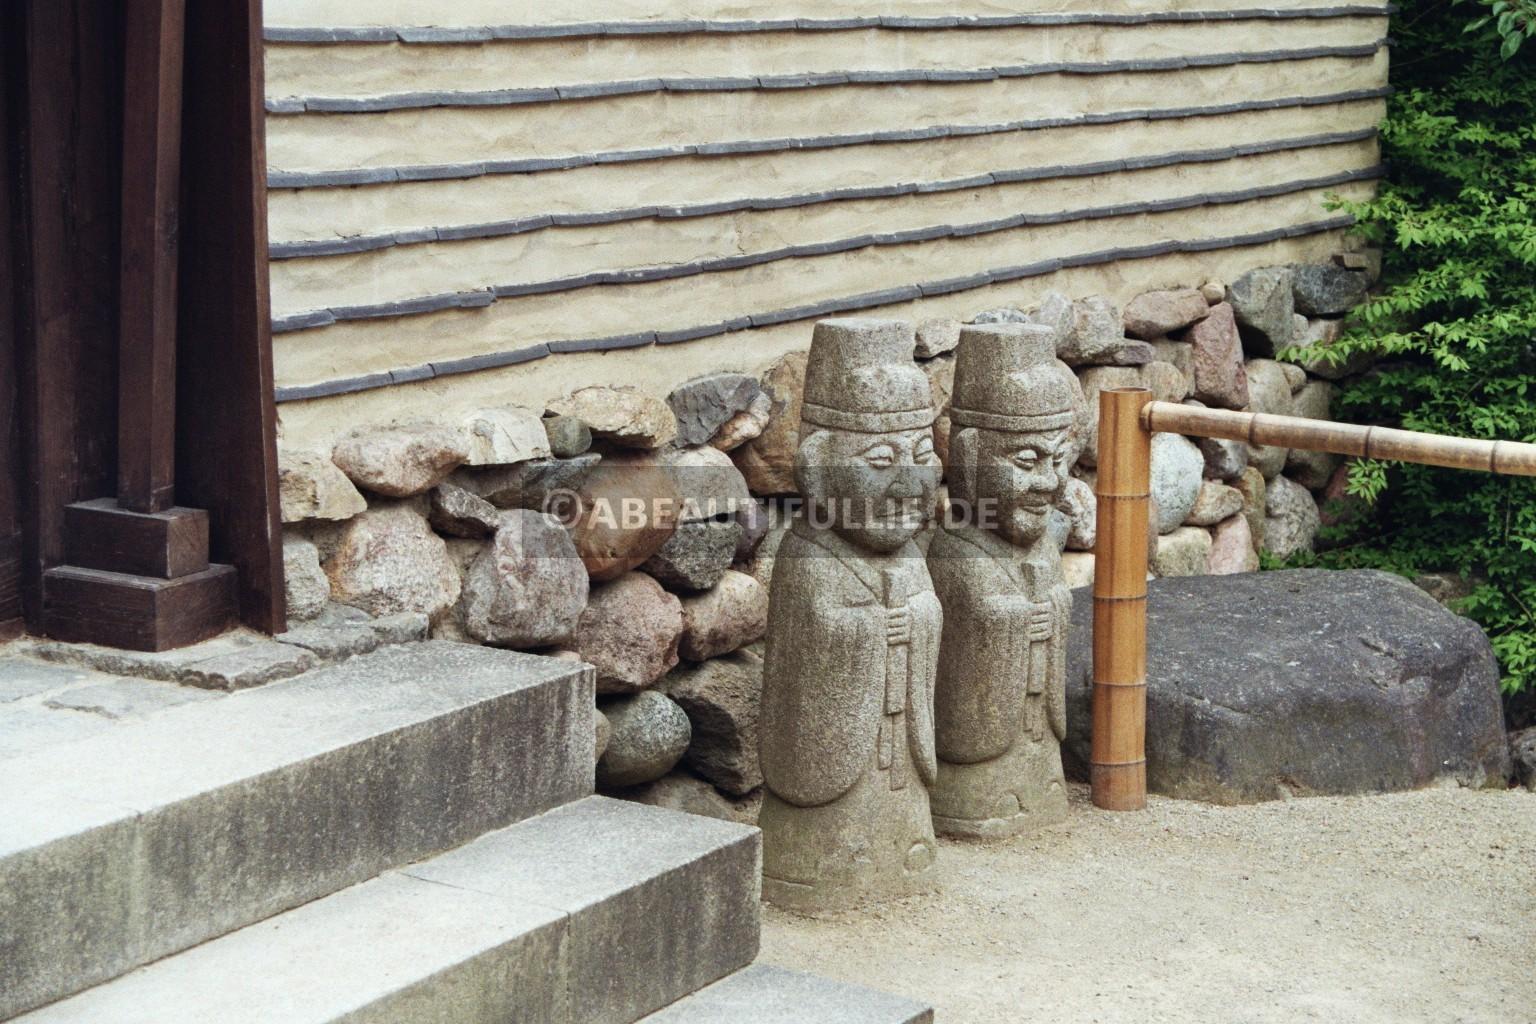 Steinerne Totempfähle Koreanischer (Seouler) Garten